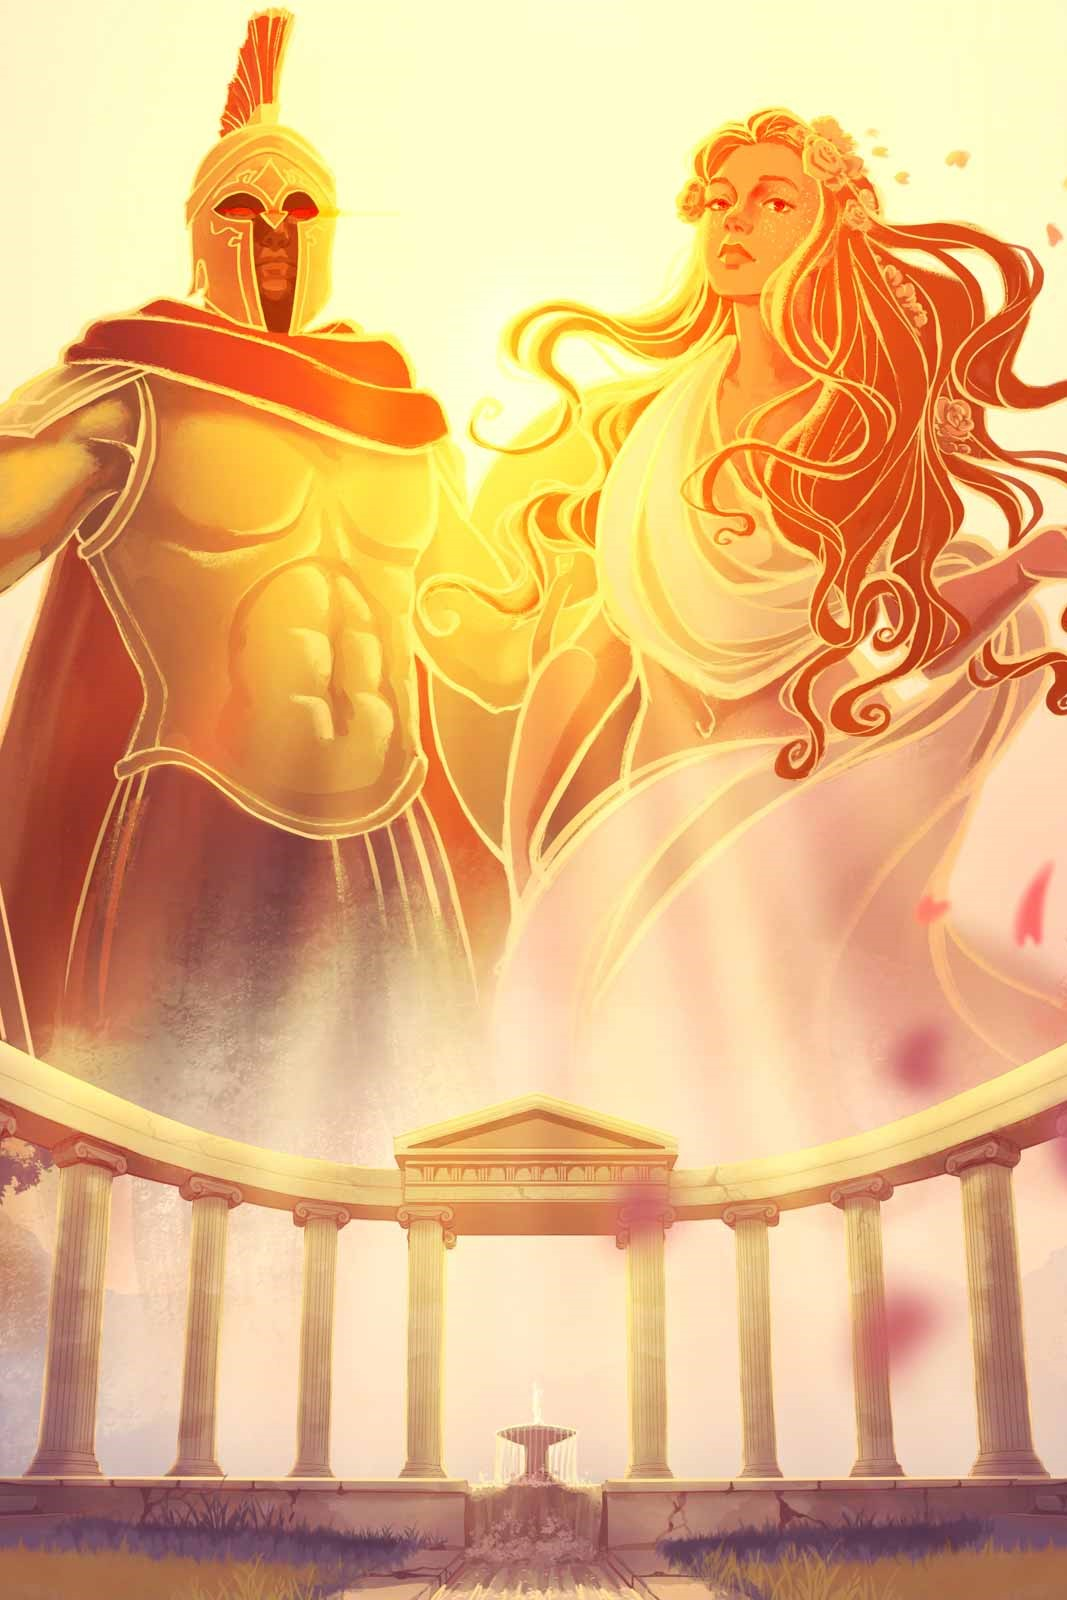 [Unboxing] Fairyloot January 2021: Greek Mythology